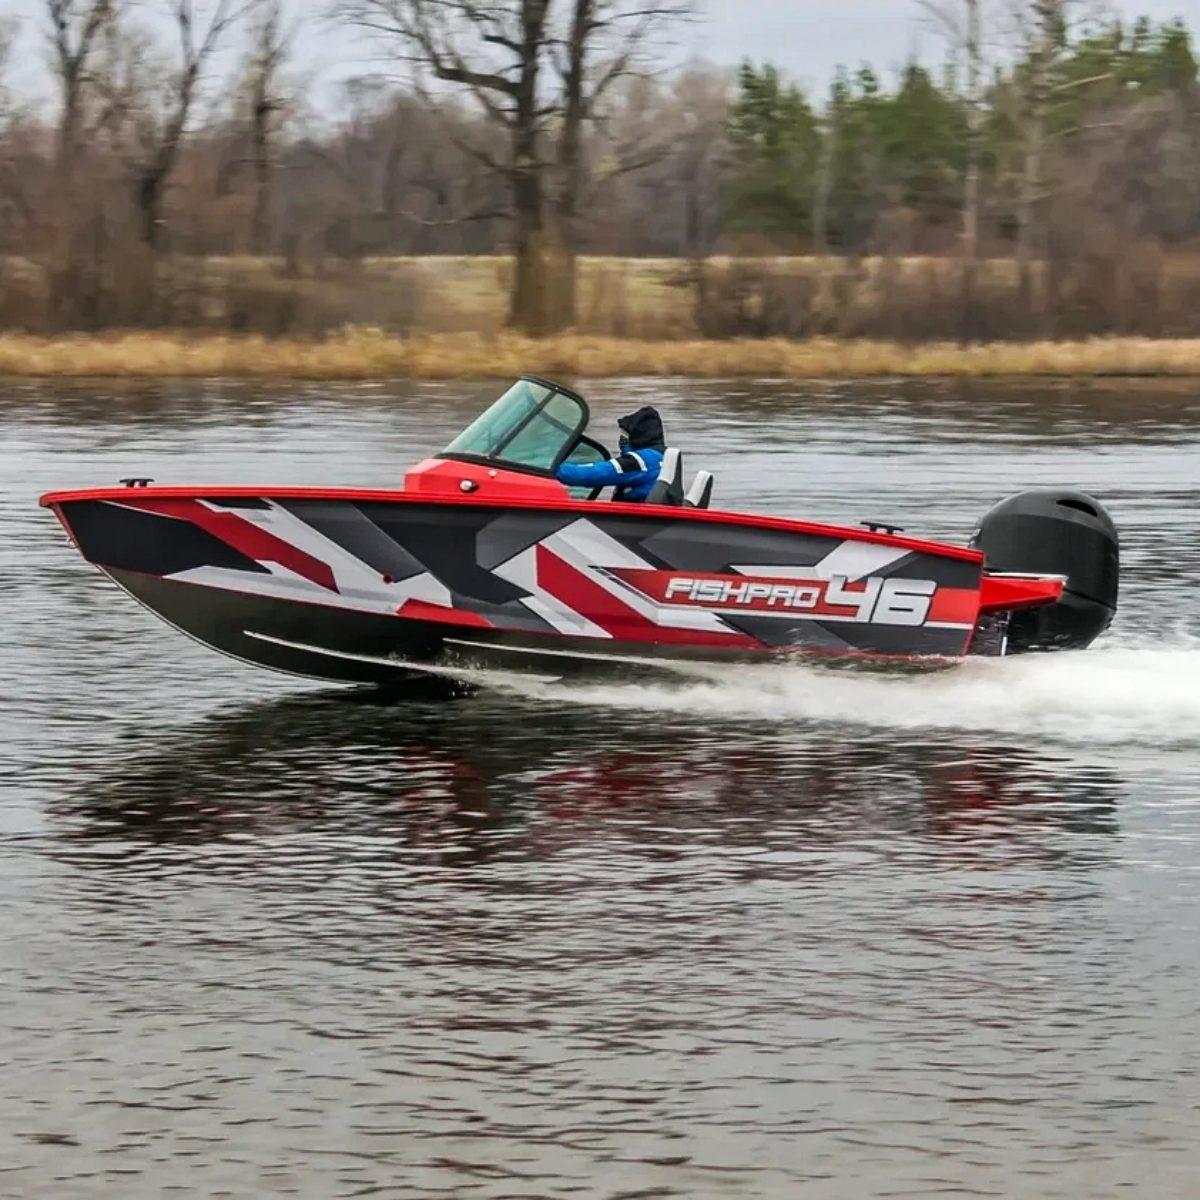 FishPro X3 i fart